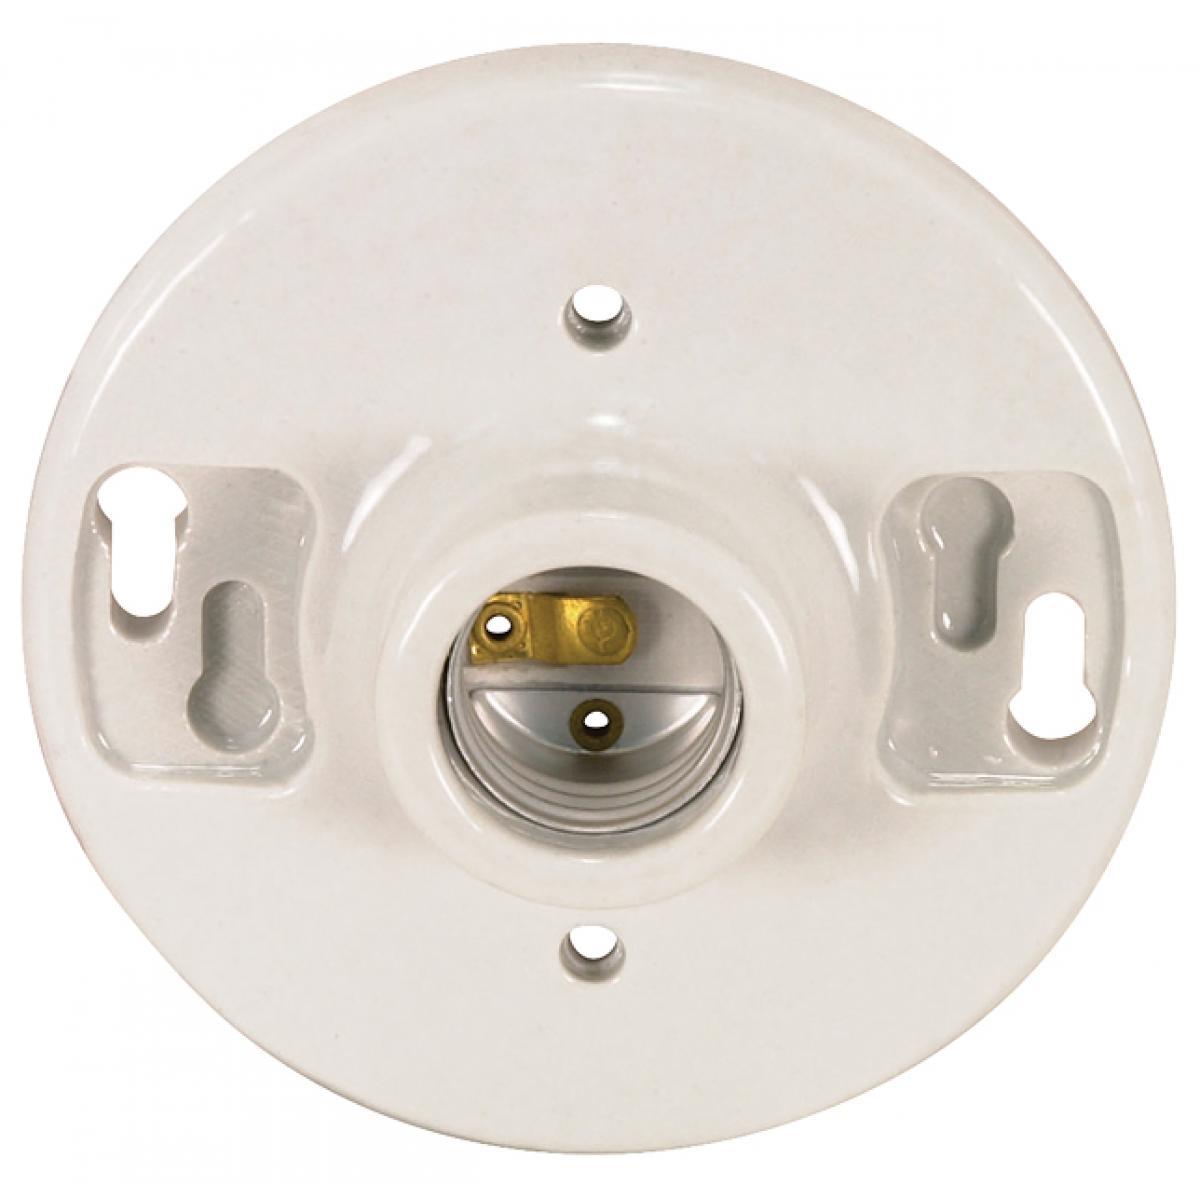 Satco 80-1090 Candelabra-Porcelain Sockets W//Paper Liner Color